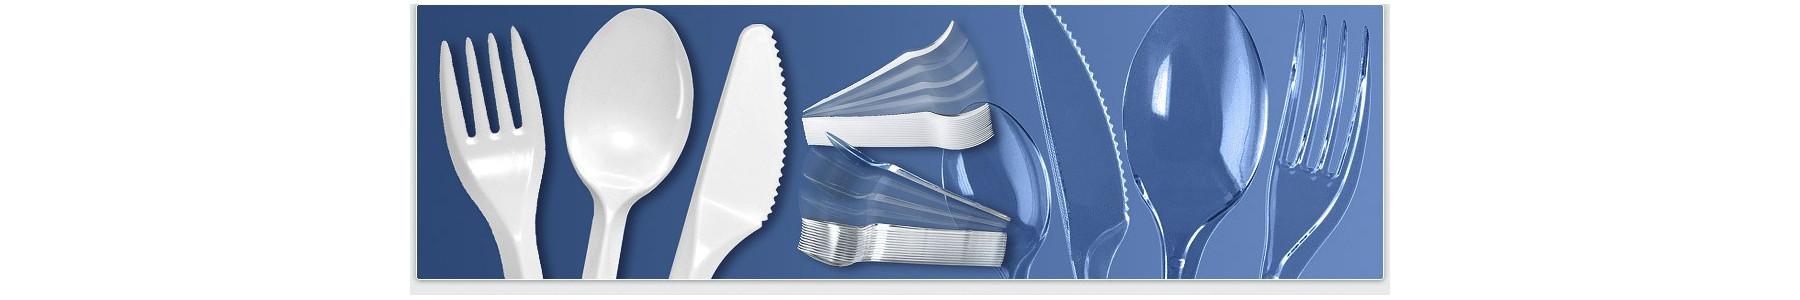 Articole de unica folosinta destinate uzului alimentar, din material plastic, carton, carton plastifiat si hartie.